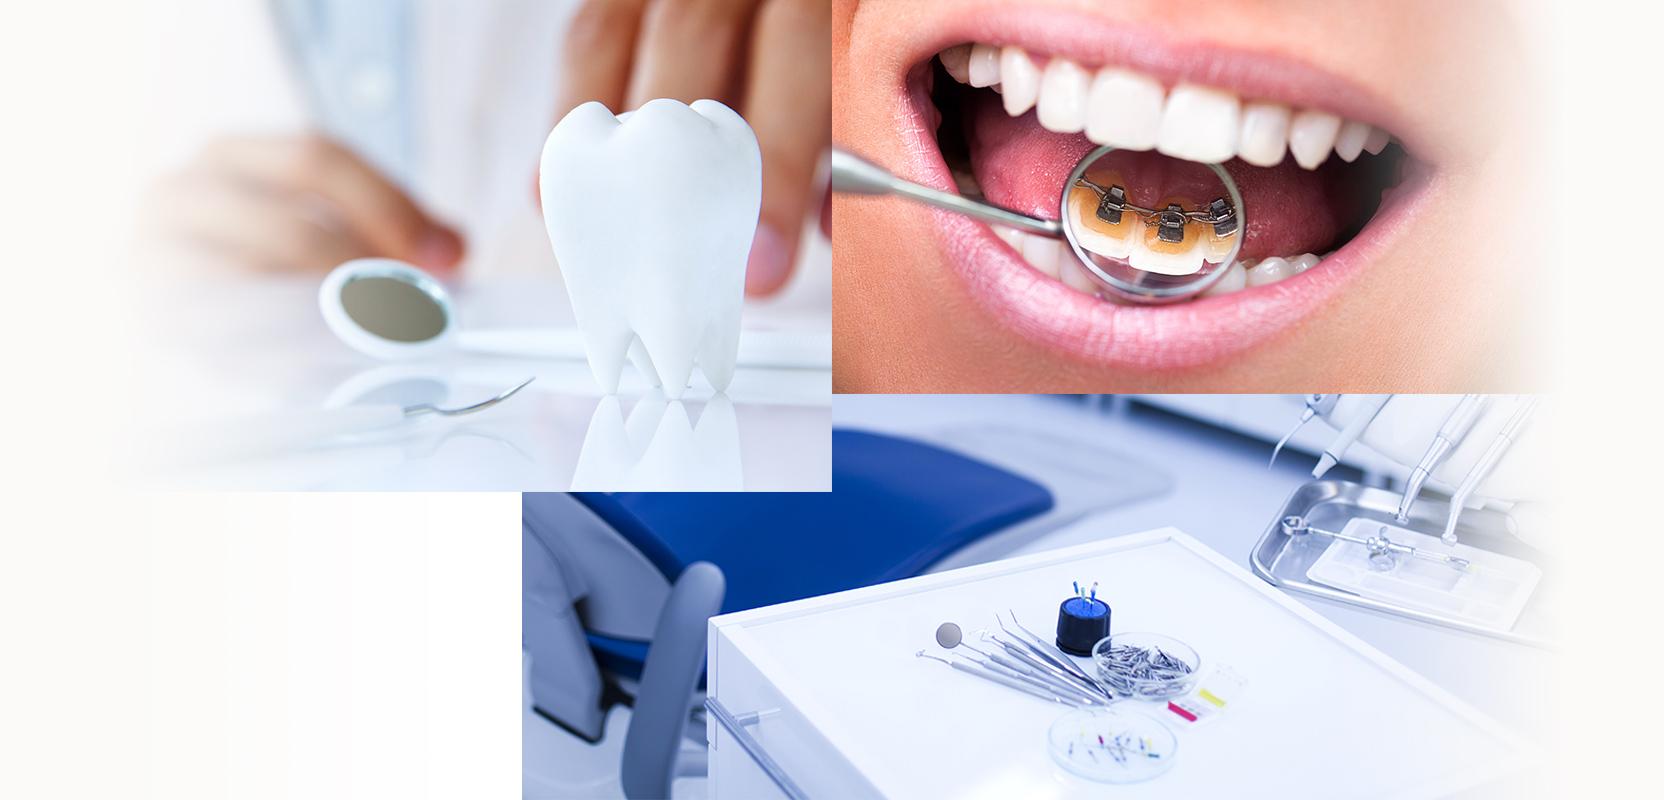 Implant dentaire moins cher marseille - Hydropulseur dentaire pas cher ...